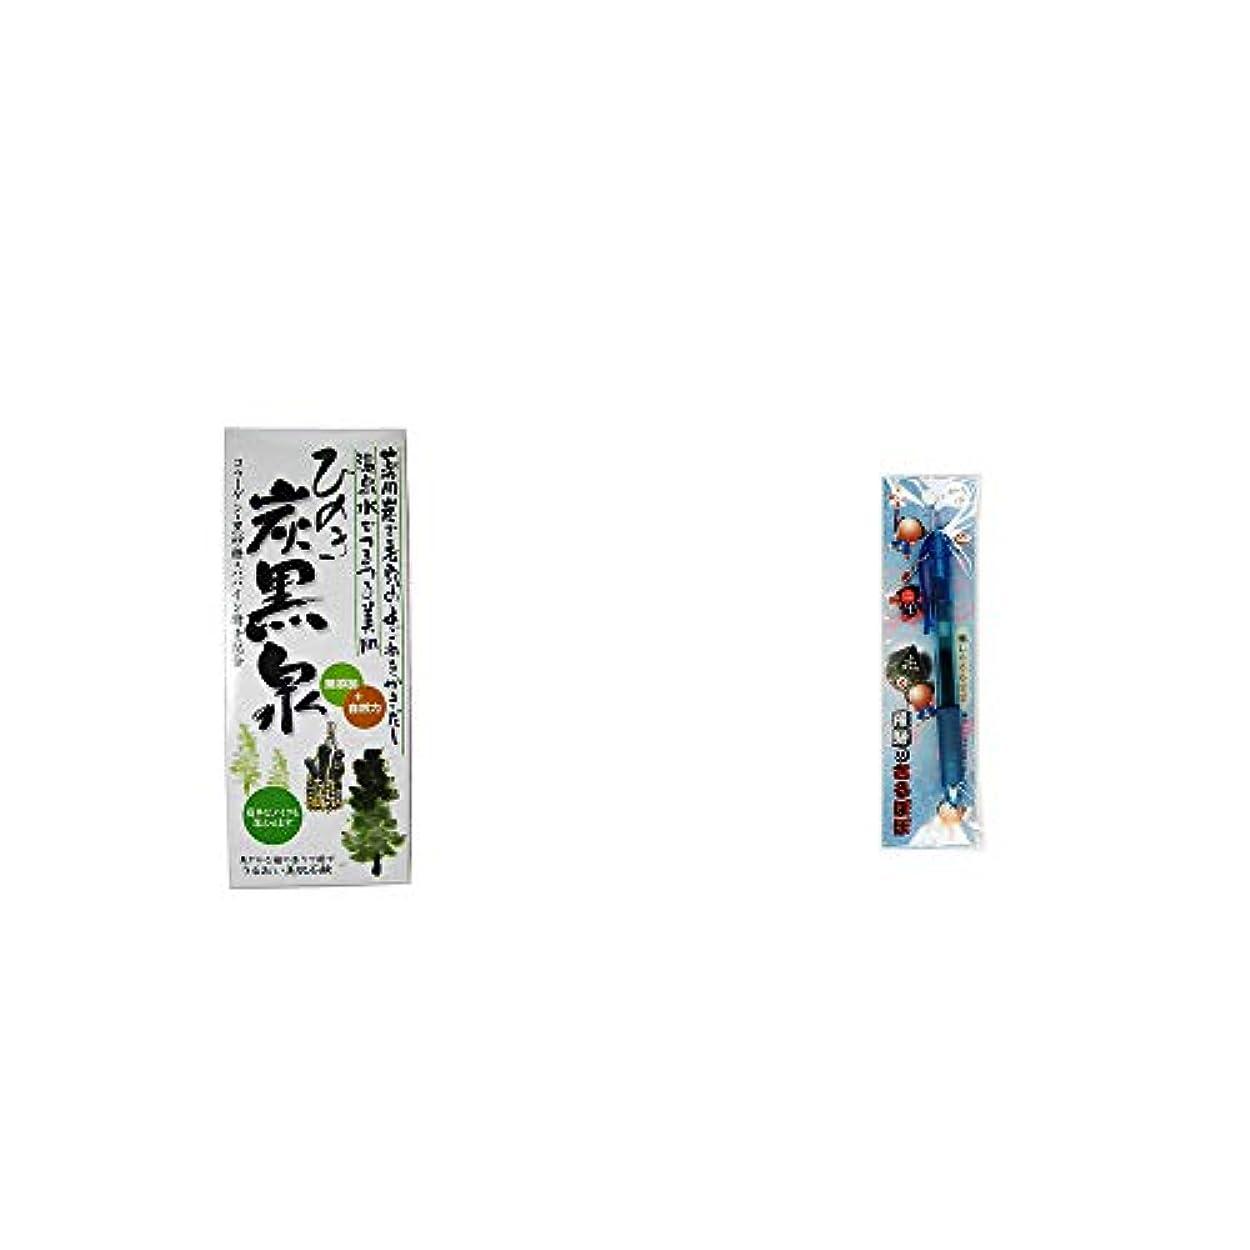 血まみれ競争力のあるストレッチ[2点セット] ひのき炭黒泉 箱入り(75g×3)?さるぼぼ 癒しボールペン 【ブルー】